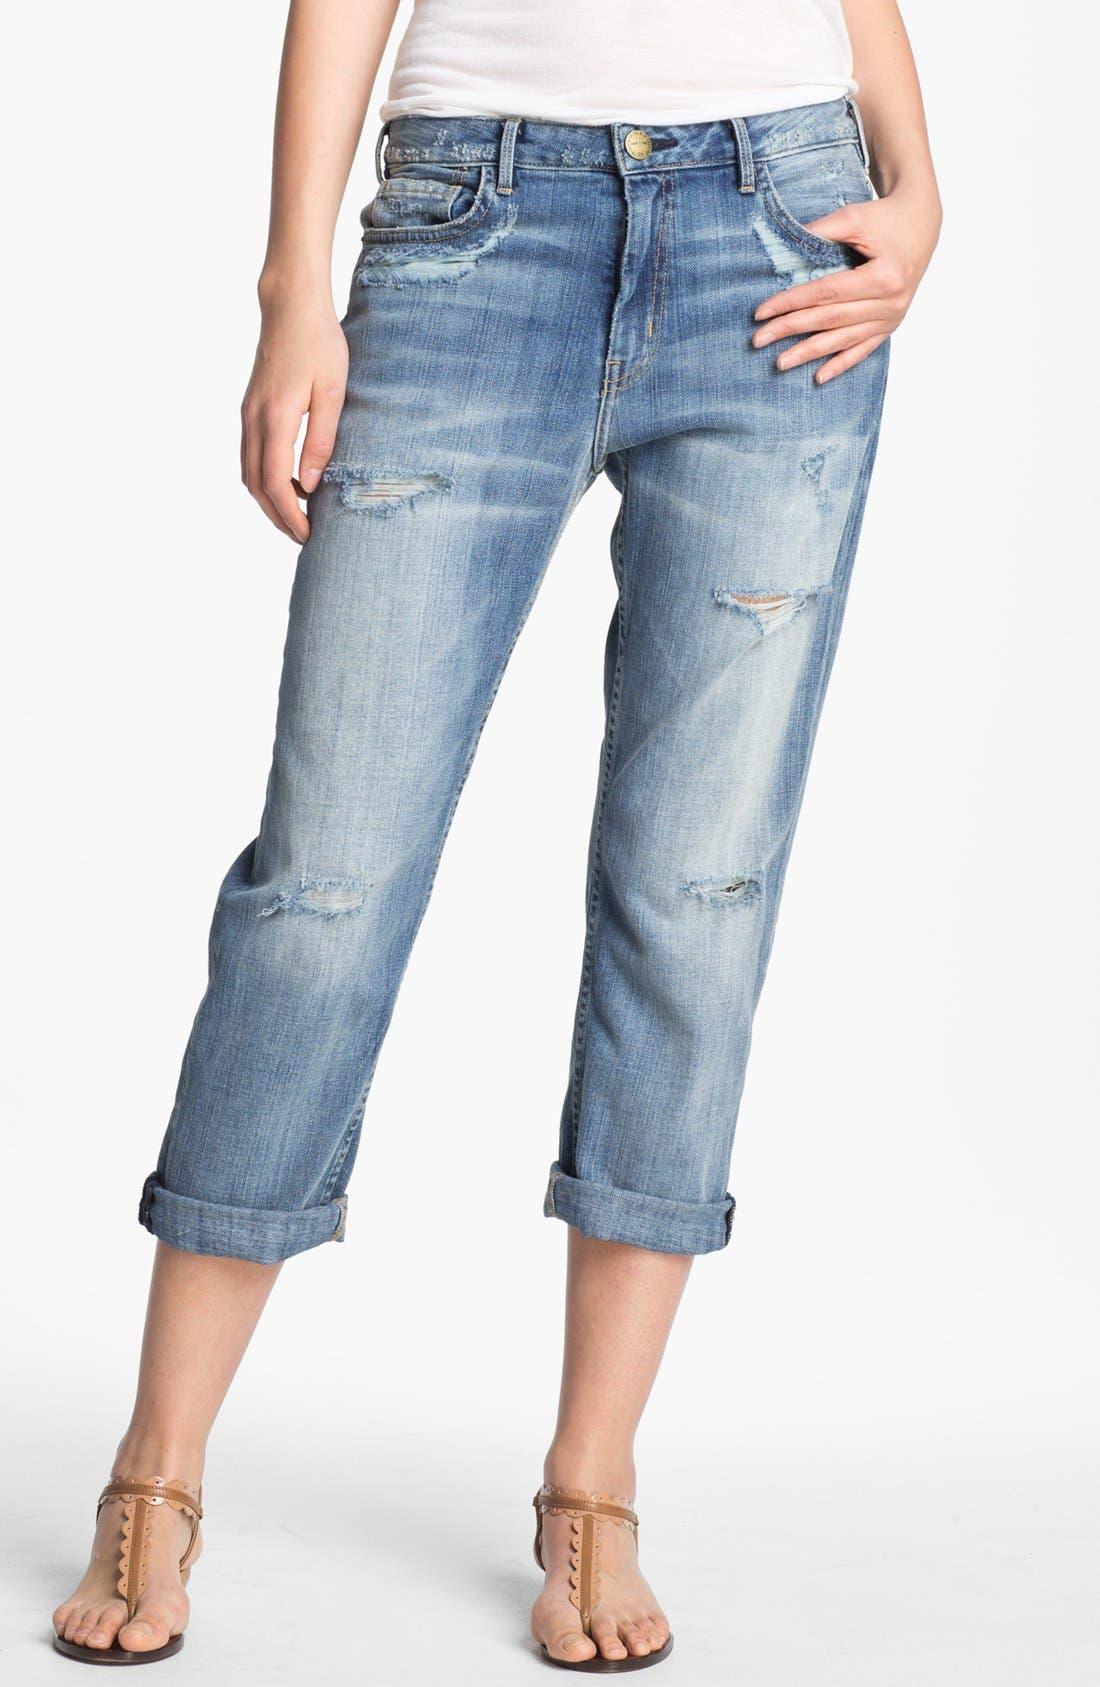 Alternate Image 1 Selected - Current/Elliott Hand Distressed Jeans (Shipwreck Destroy)